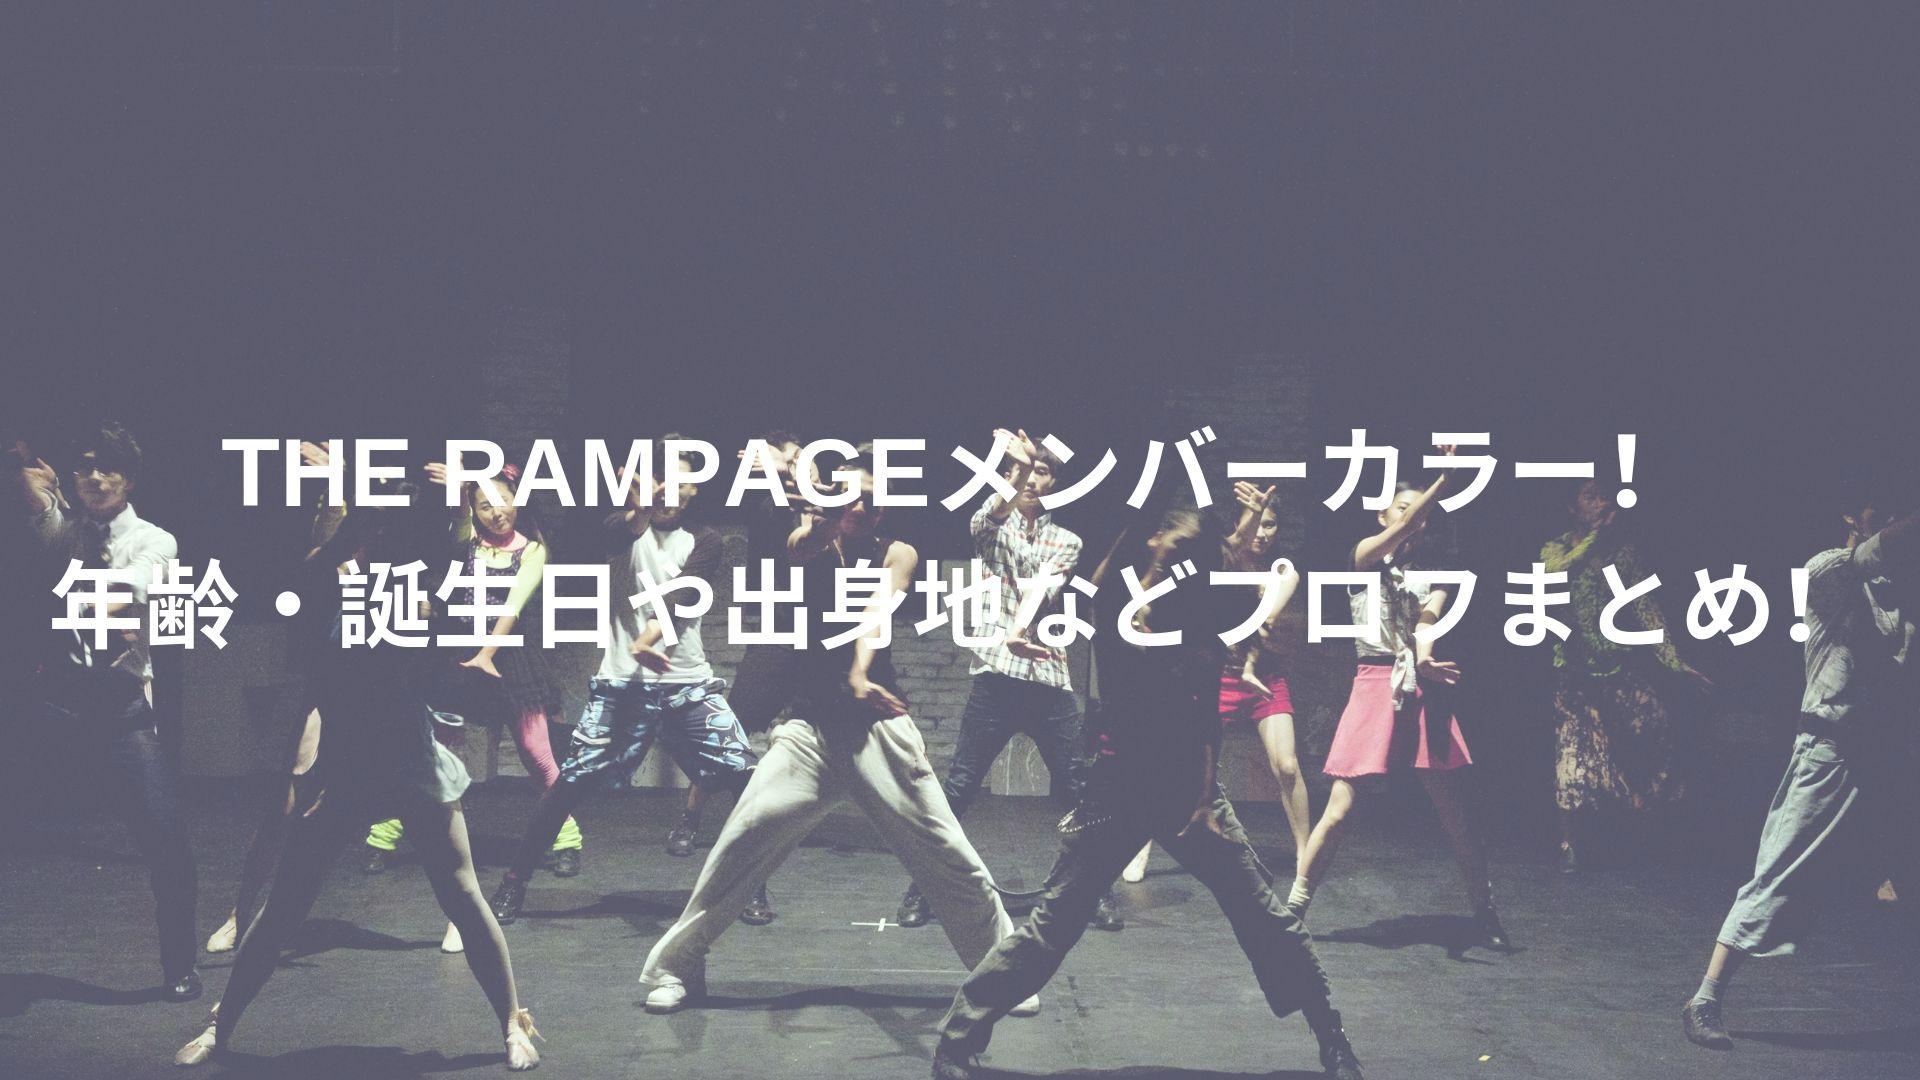 THE RAMPAGEメンバーのカラーは?年齢・出身地はどこ?